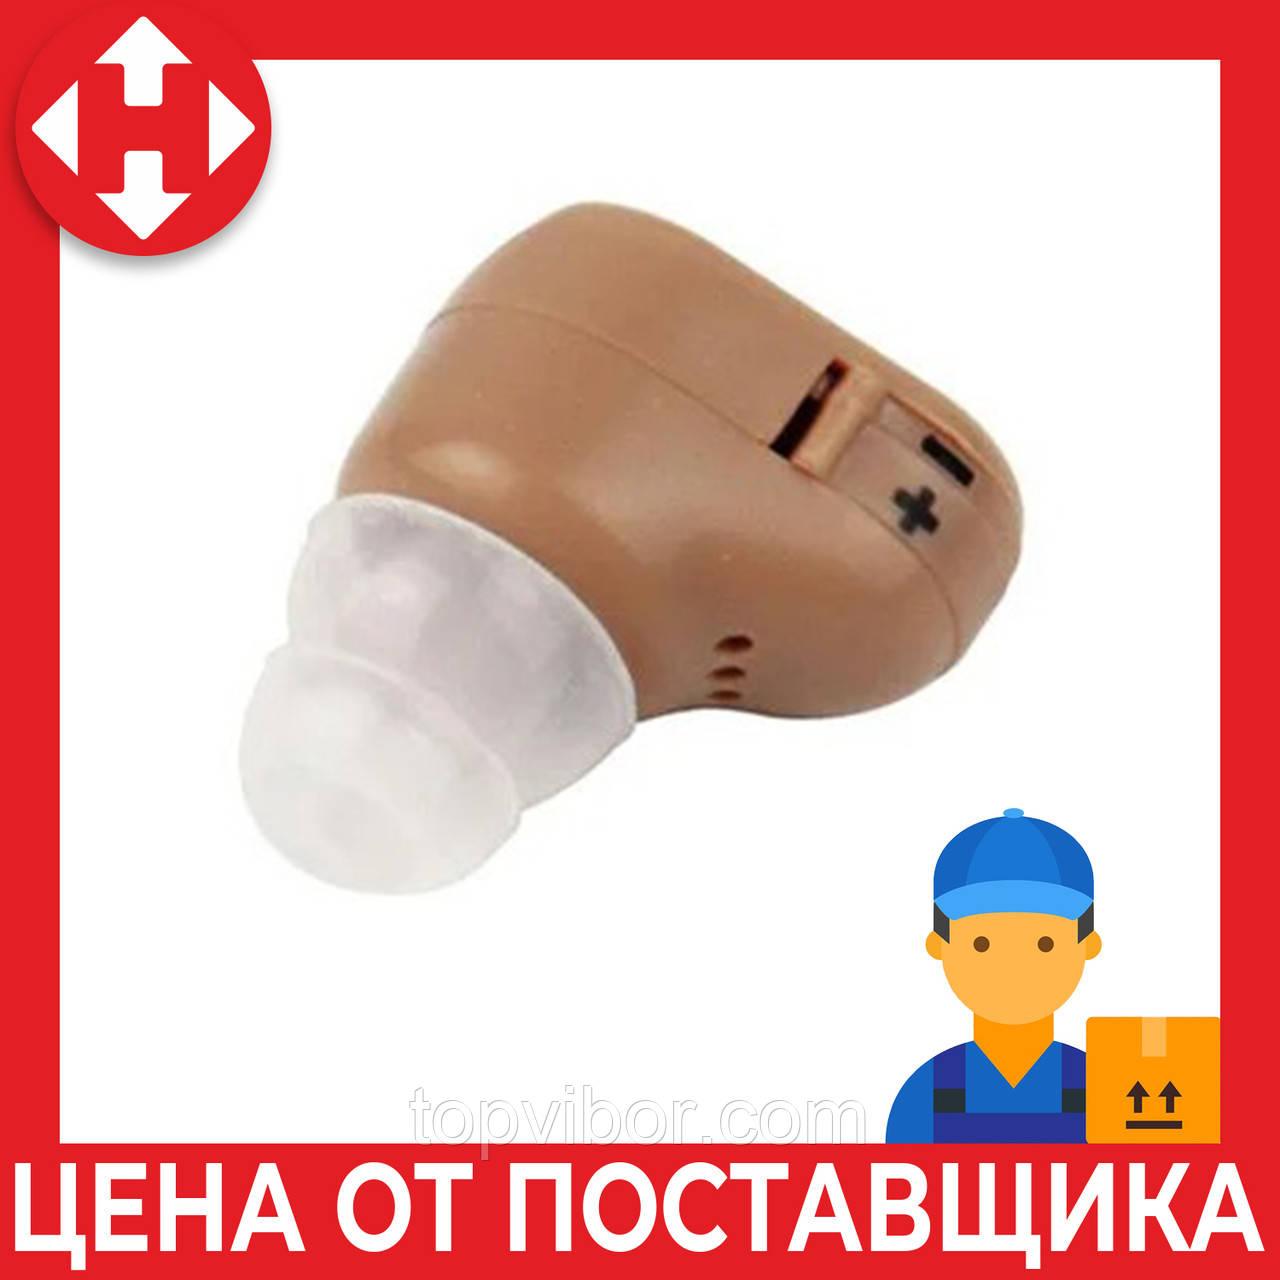 Слуховой апарат, Axon, Axon k 55, цвет - бежевый, усилитель слуха